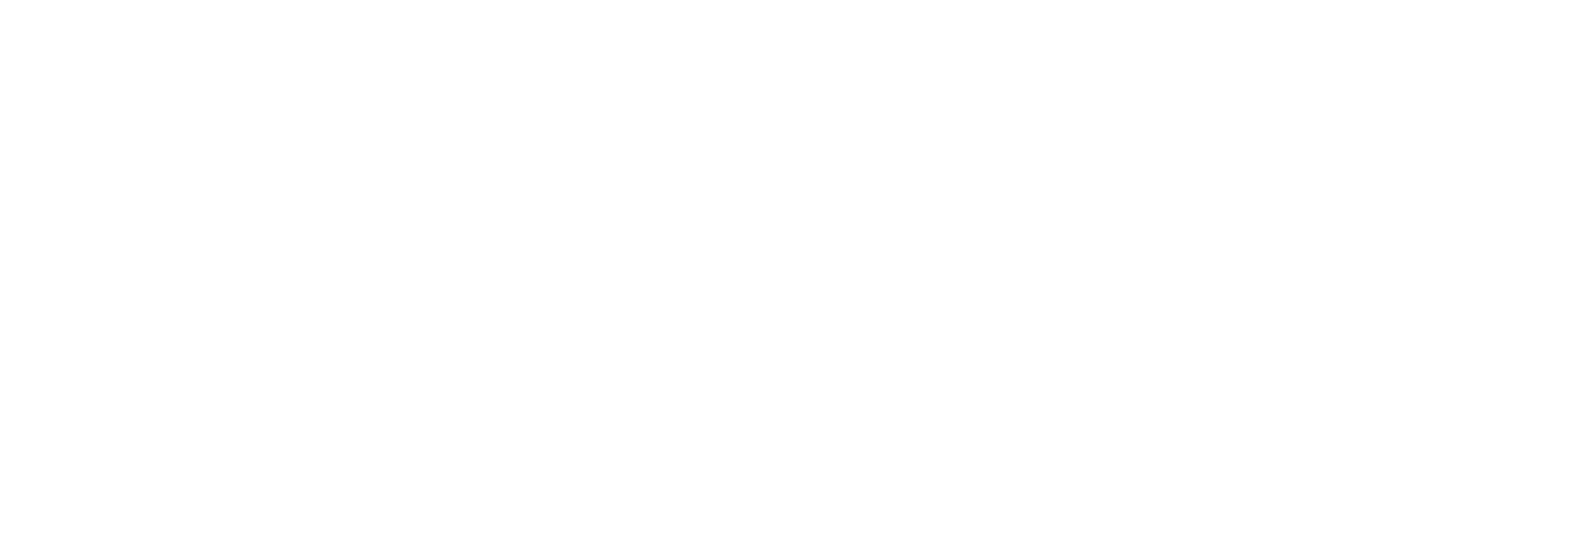 Sjøholmen